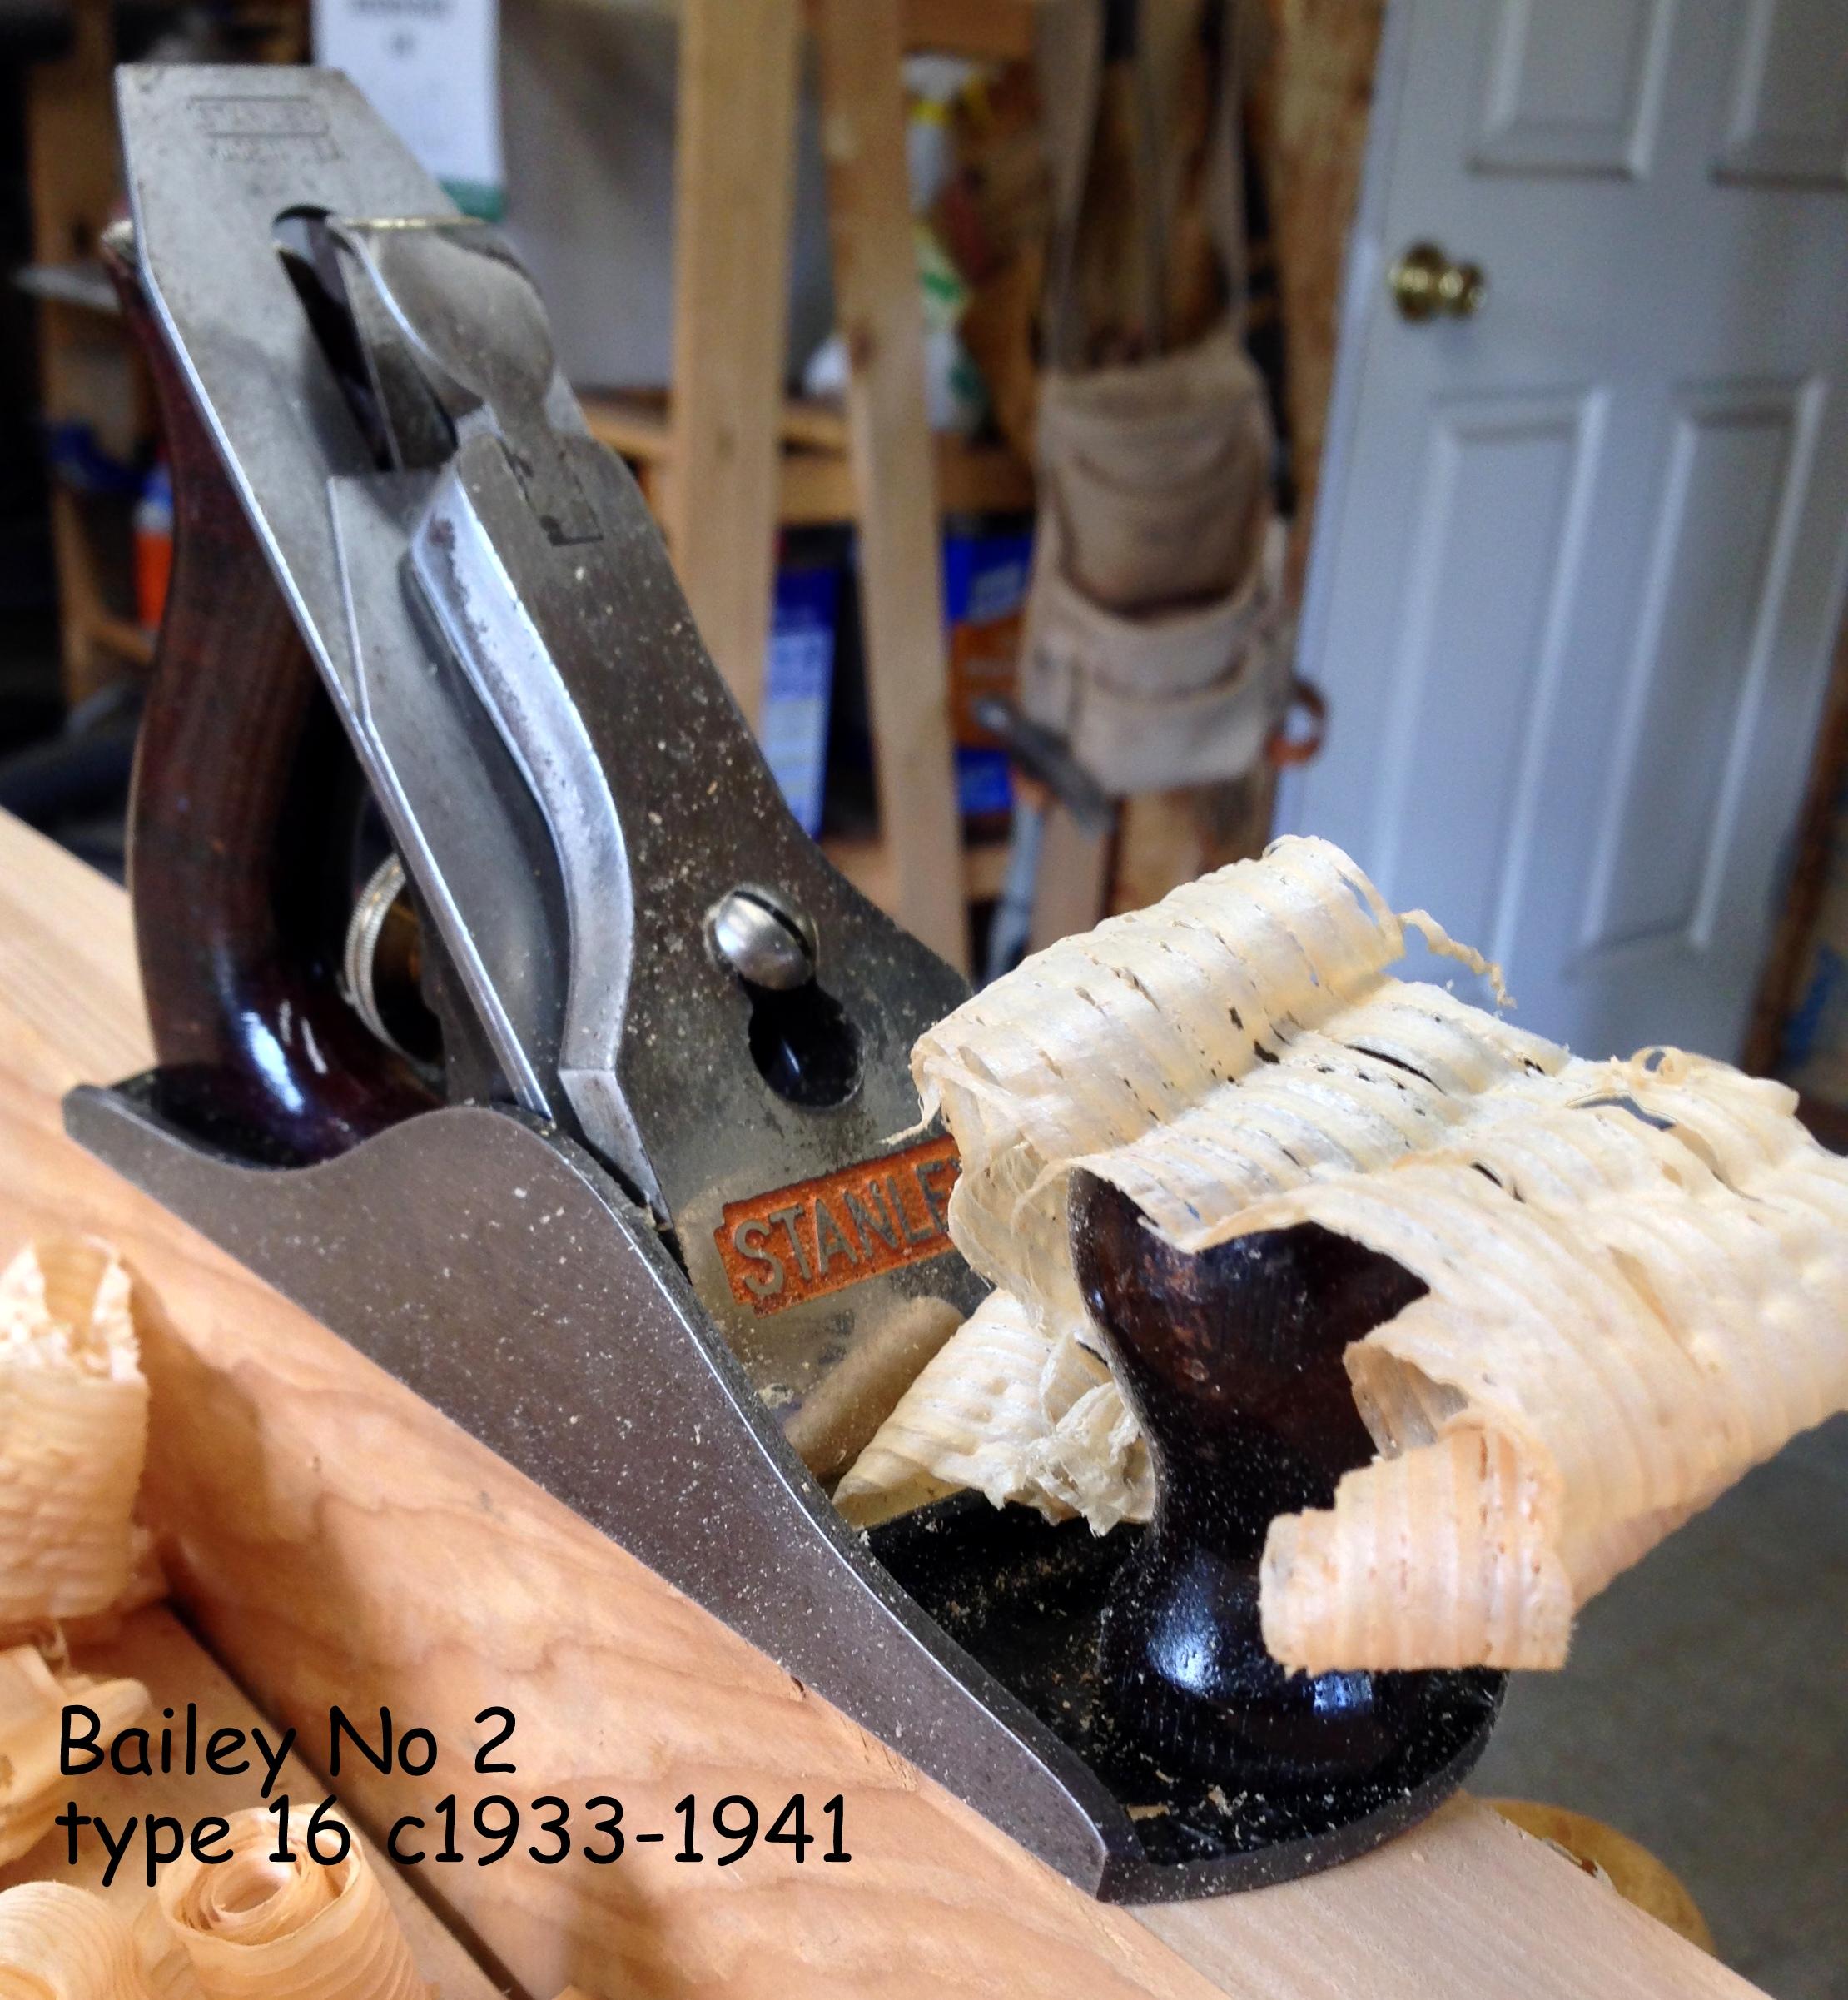 Bailey Corrugated No 2 tp 16